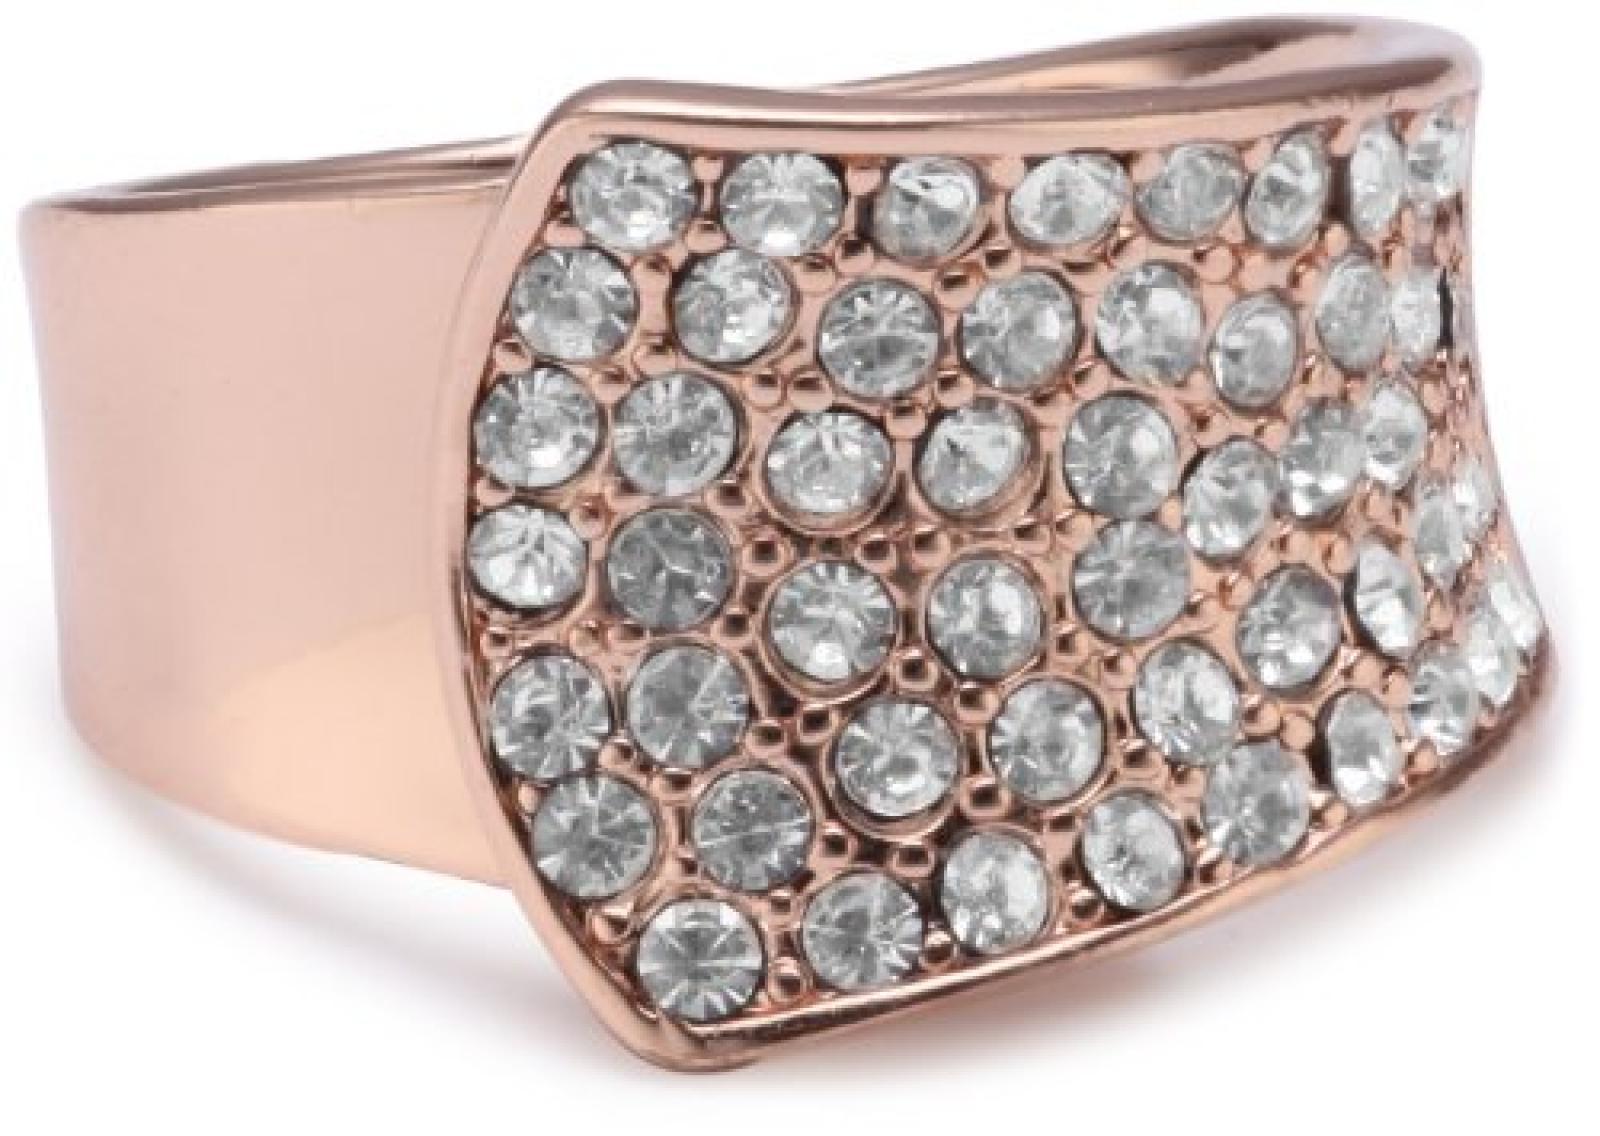 Pilgrim Jewelry Damen-Ring aus der Serie Ringe roségold beschichtet weiß 1.4 cm verstellbar Gr. 51-59 271314014